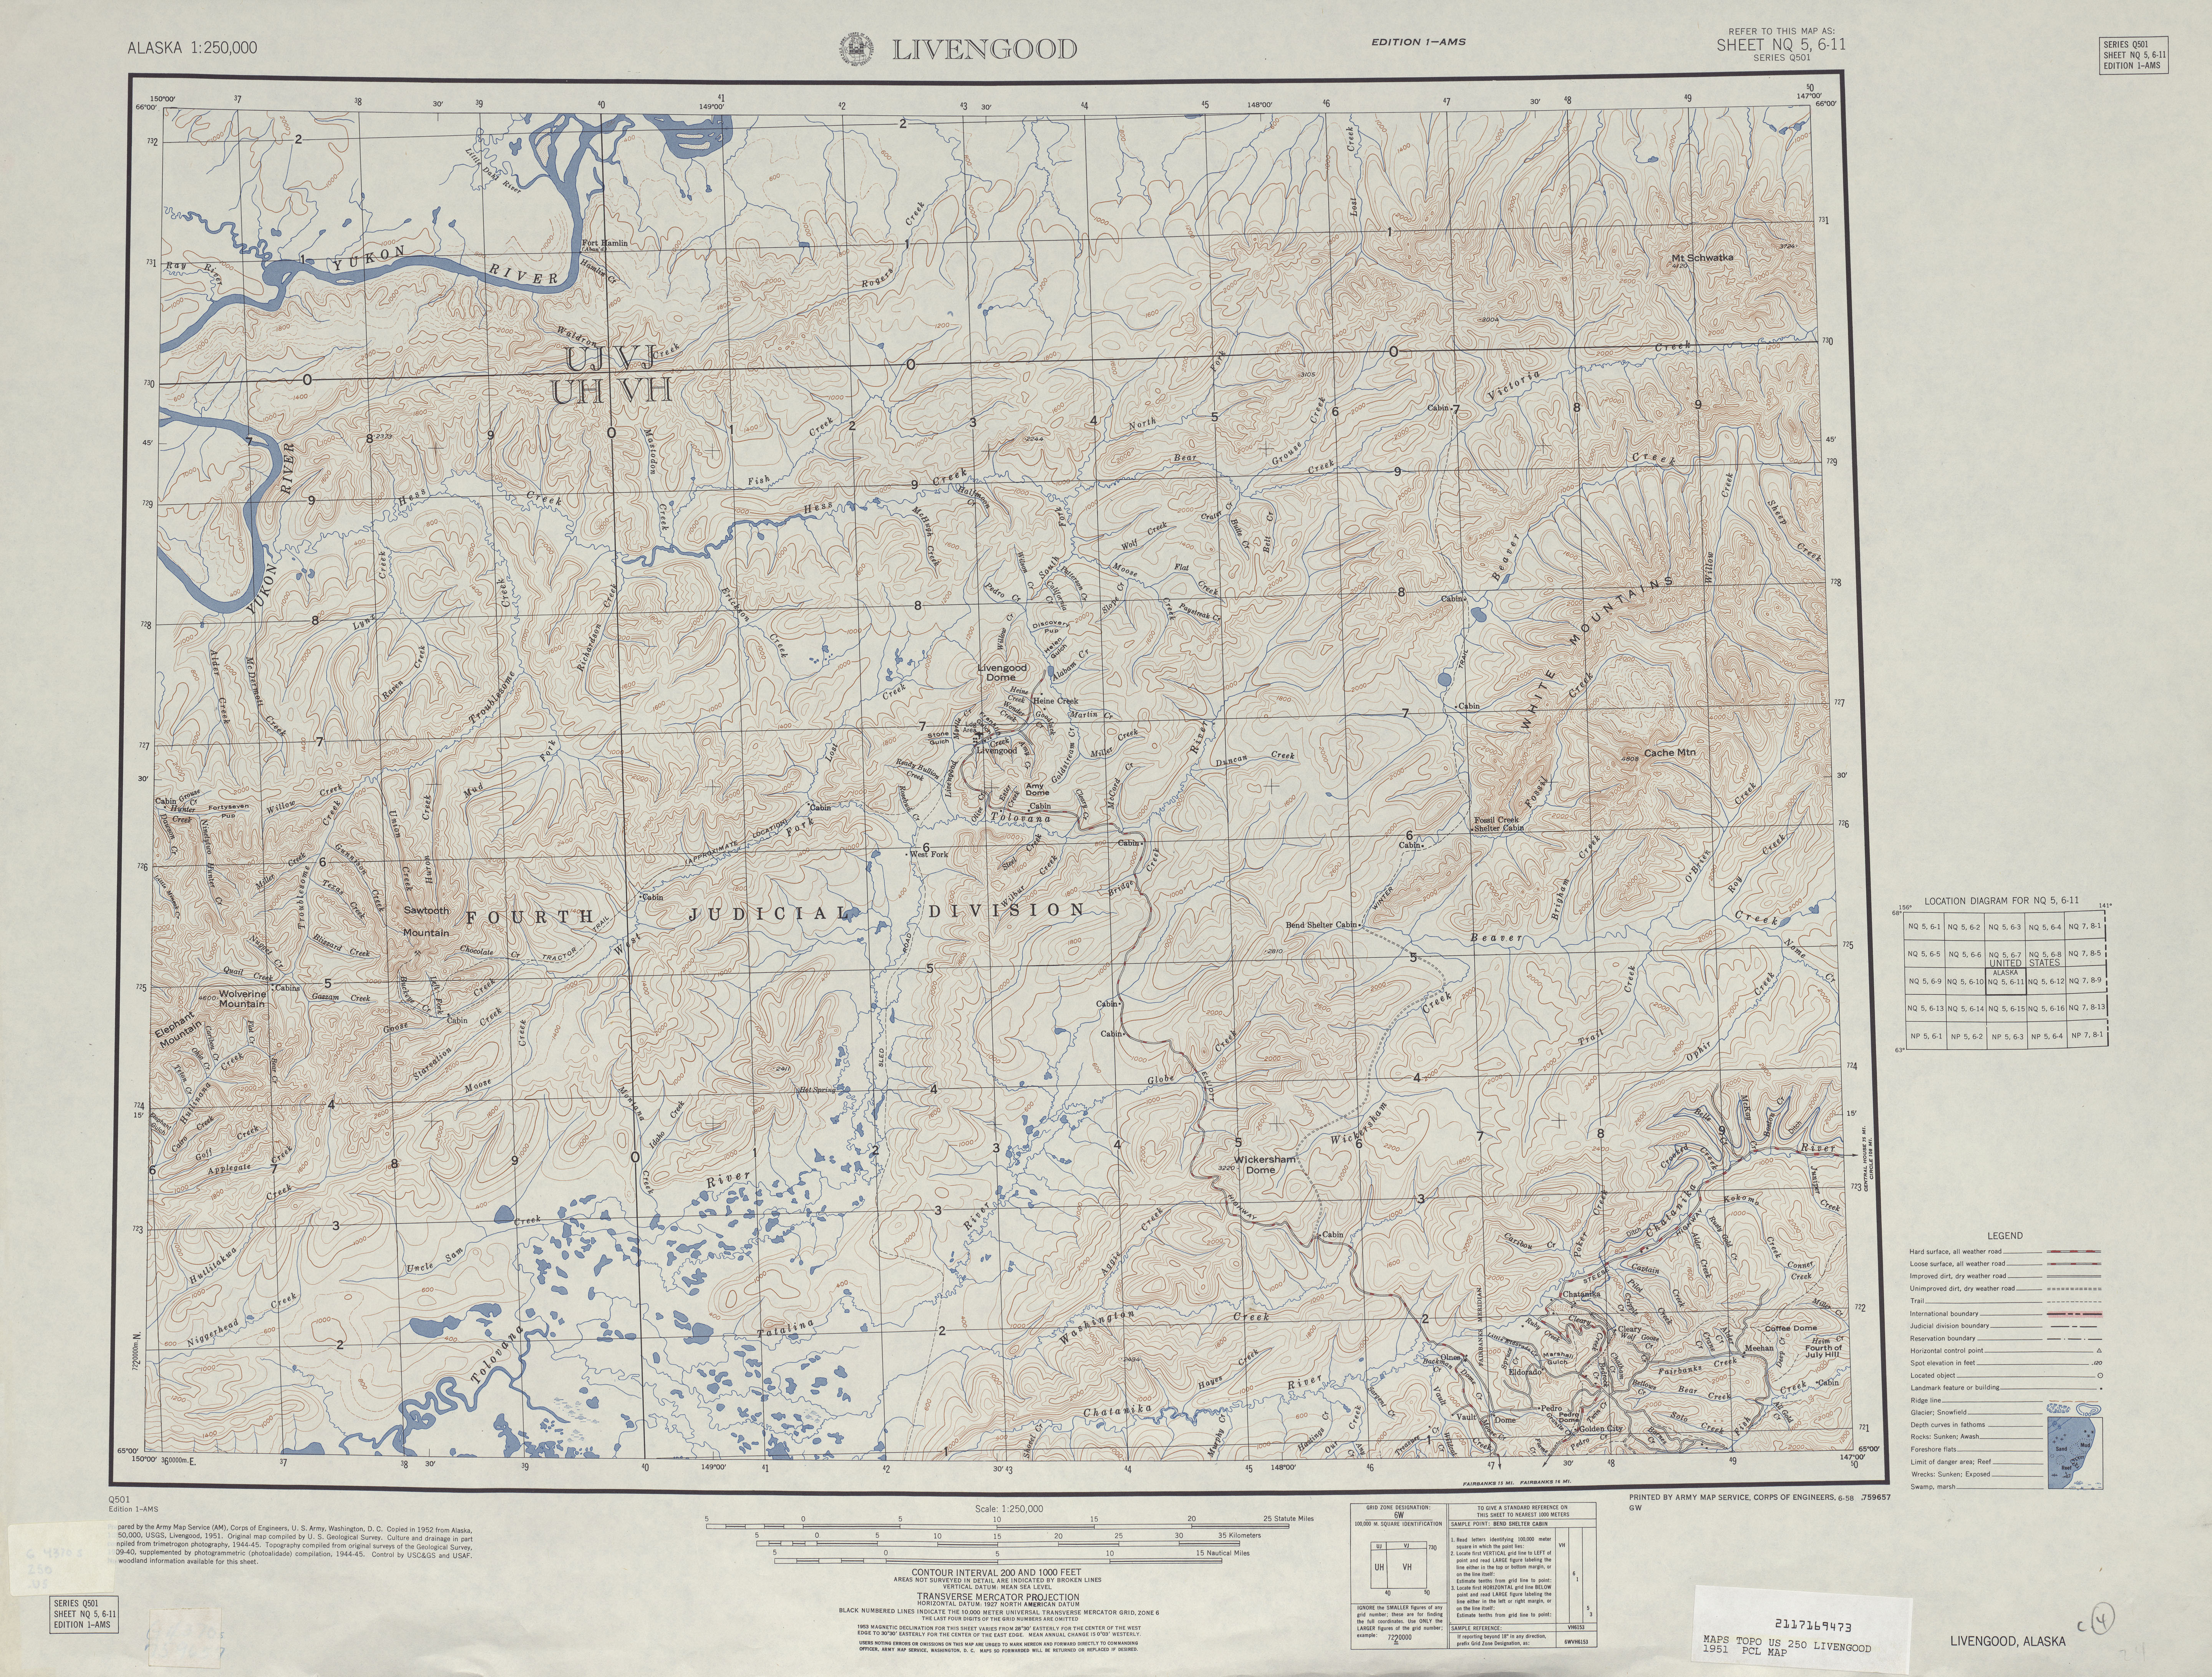 Hoja Livengood del Mapa Topográfico de los Estados Unidos 1951